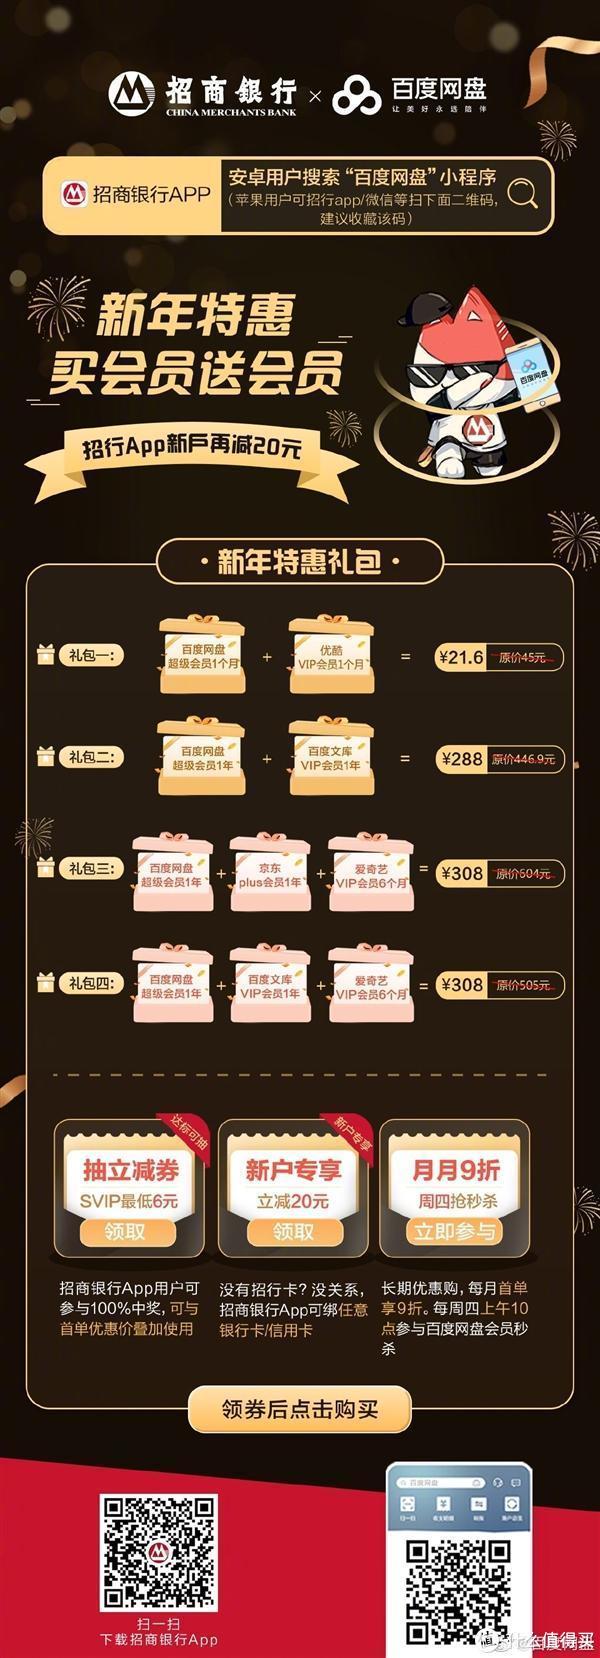 """百度网盘春节前""""搞""""特惠;小米10即将发布"""